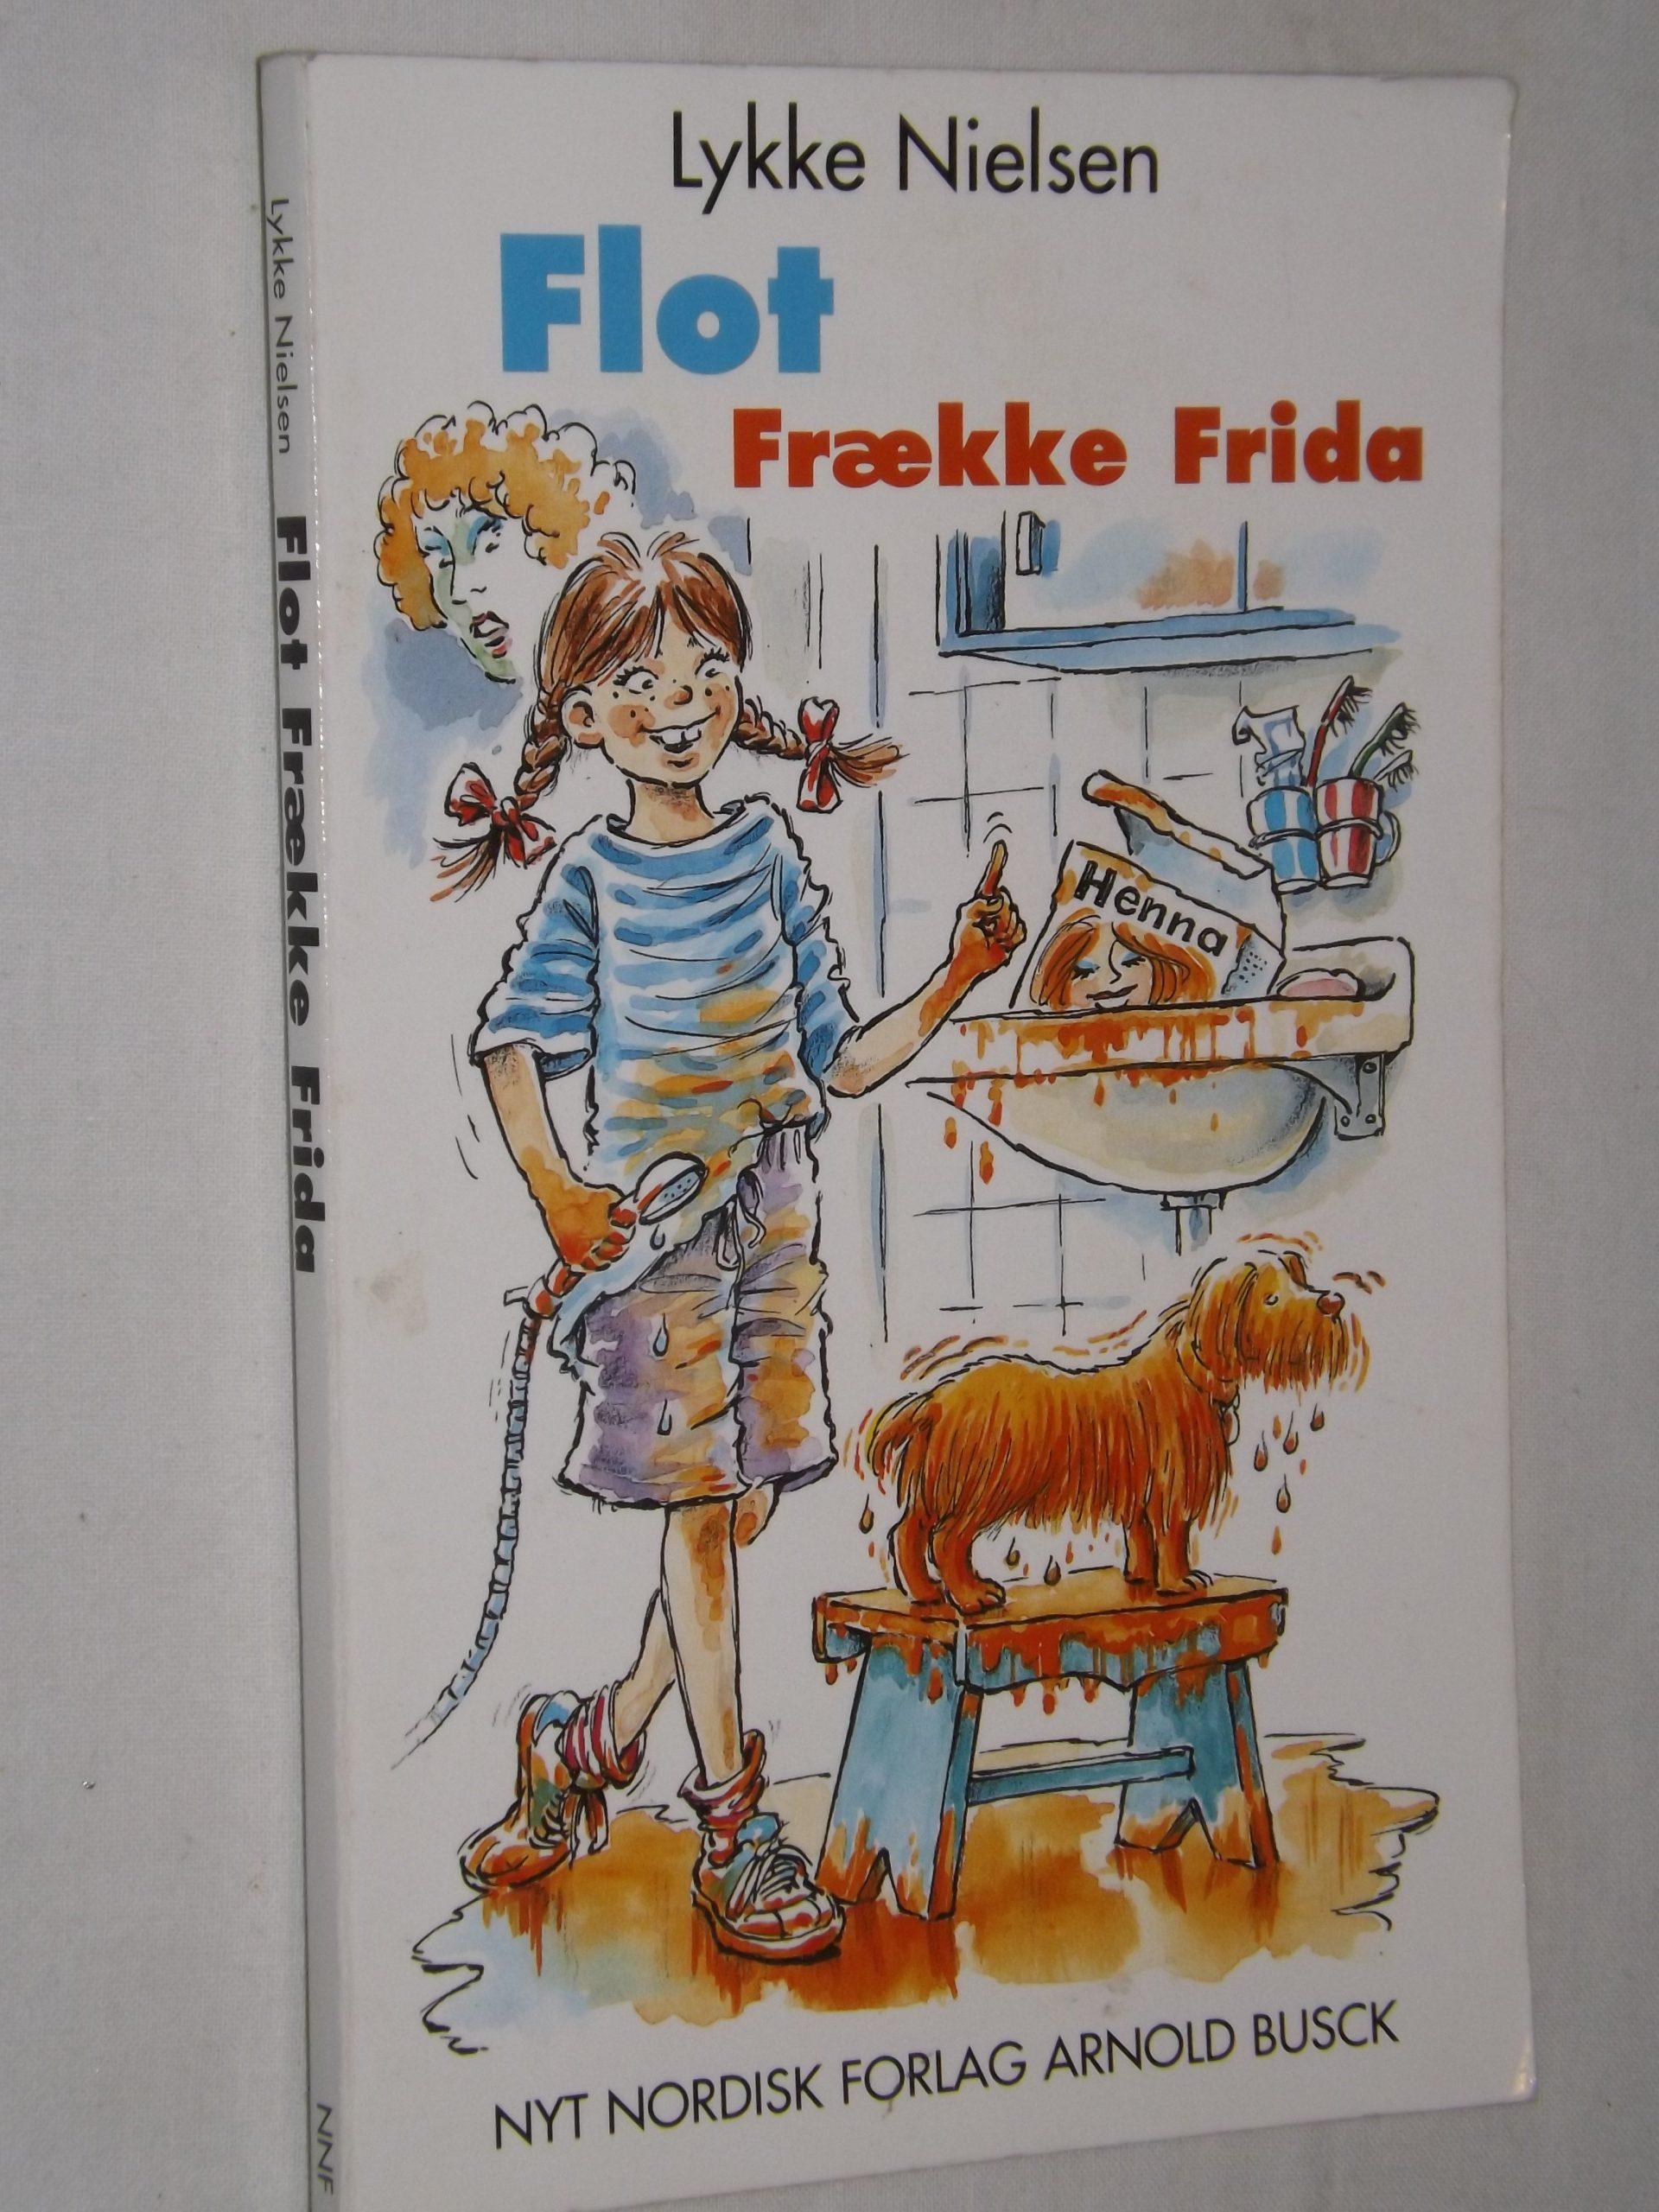 Picture of: Lykke Nielsen Flot Fraekke Frida Bbog Dk Brugte Boger Til Salg